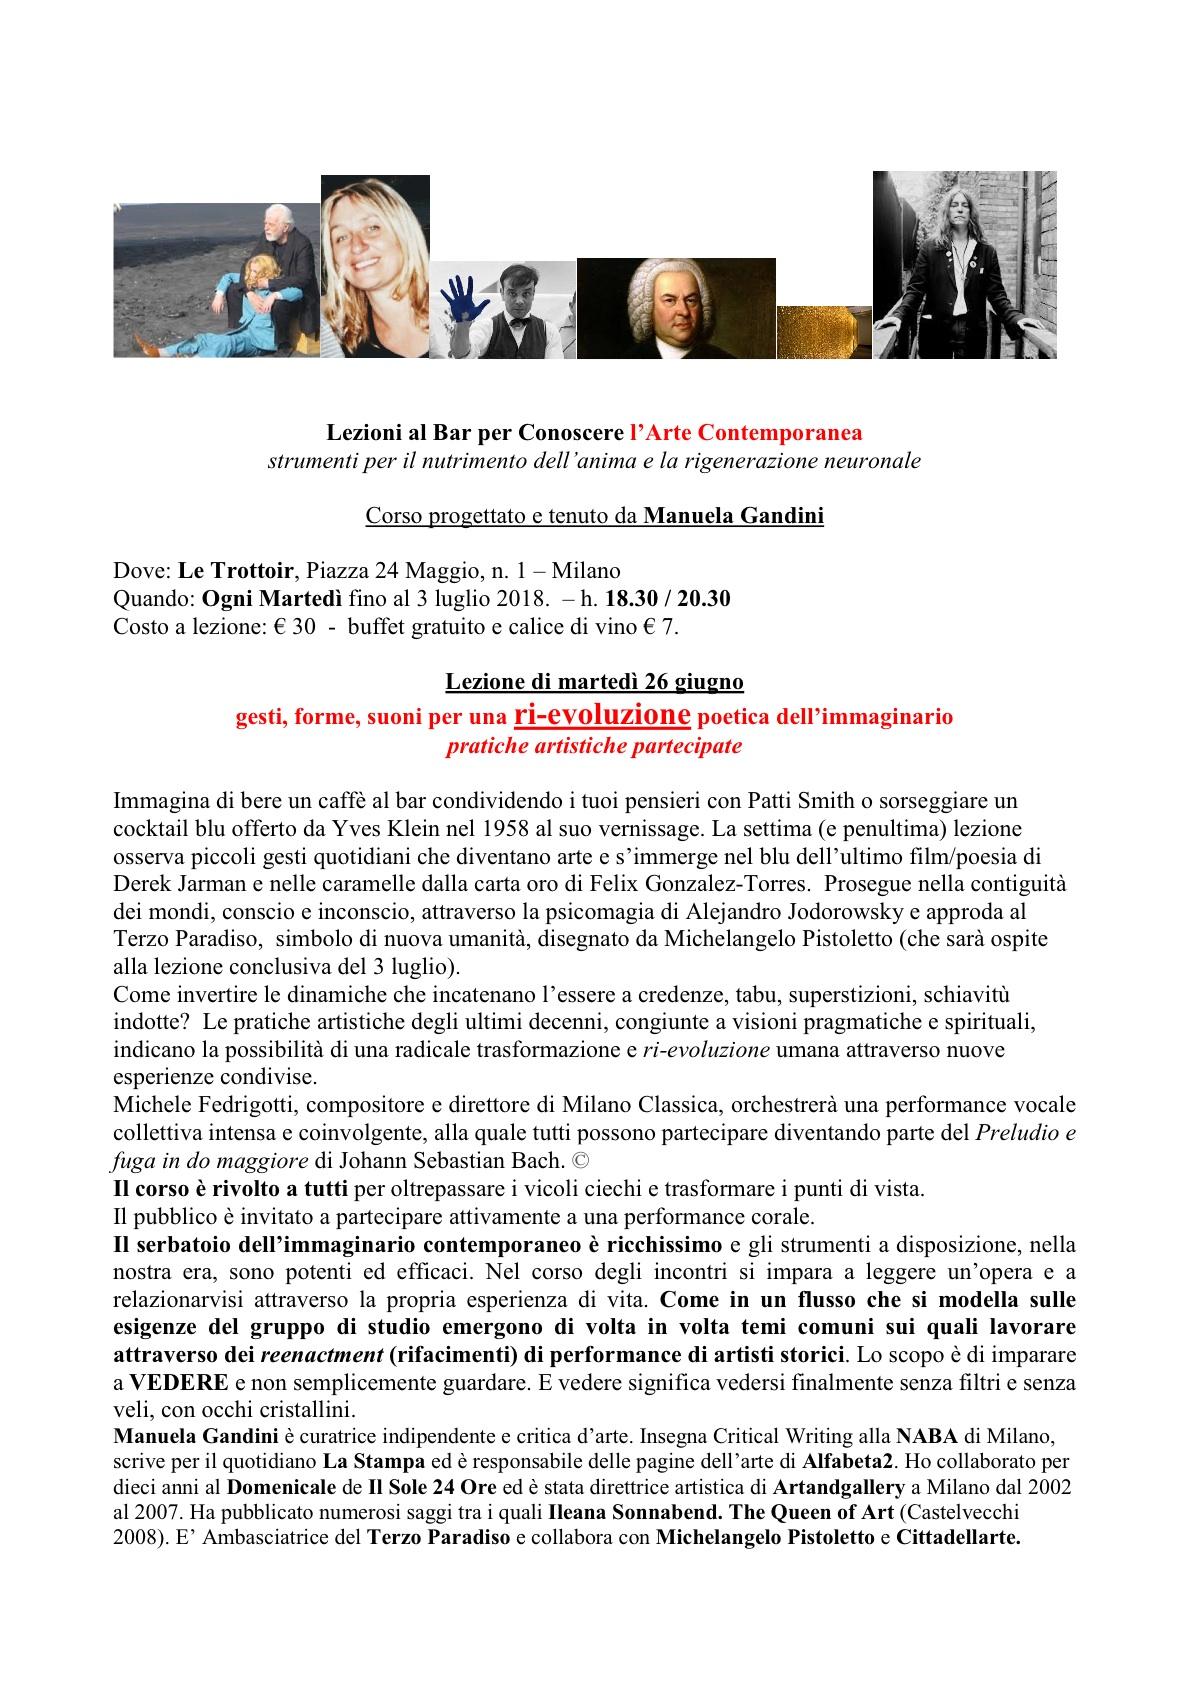 """... Wohltemperierteklavier di J.S. Bach ad un incontro tenuto presso Le  Trottoir a Milano da Manuela Gandini, all interno di una serie di  """"incontri-lezione"""" ... e04112e6ae"""